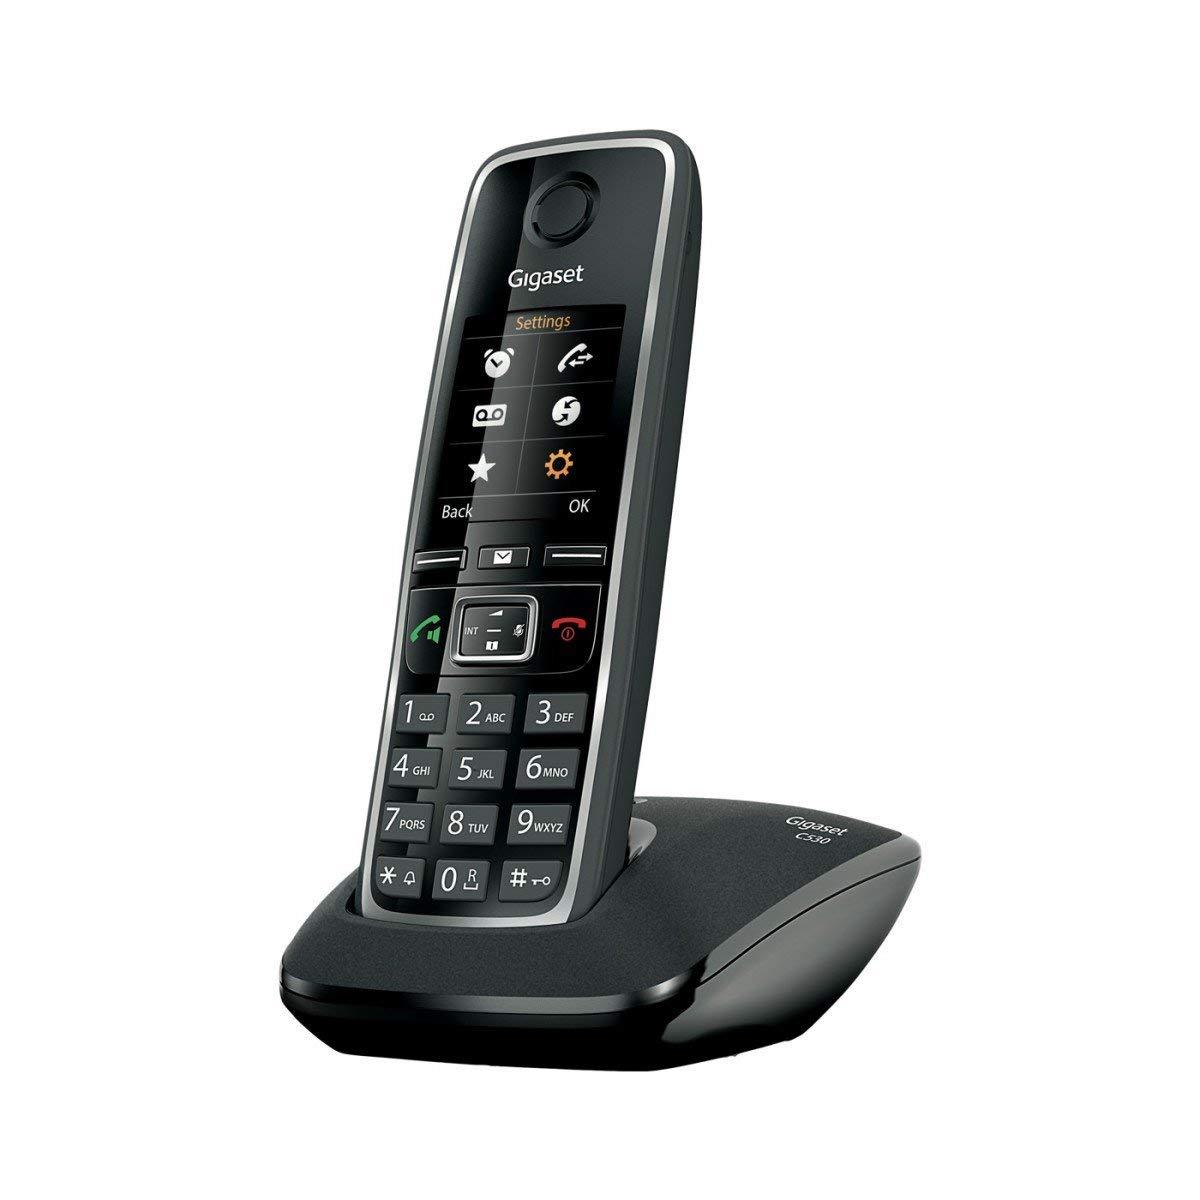 Gigaset C530 Basic - Teléfono inalámbrico (DECT, híbrido), color negro [Versión Importada]: Amazon.es: Electrónica